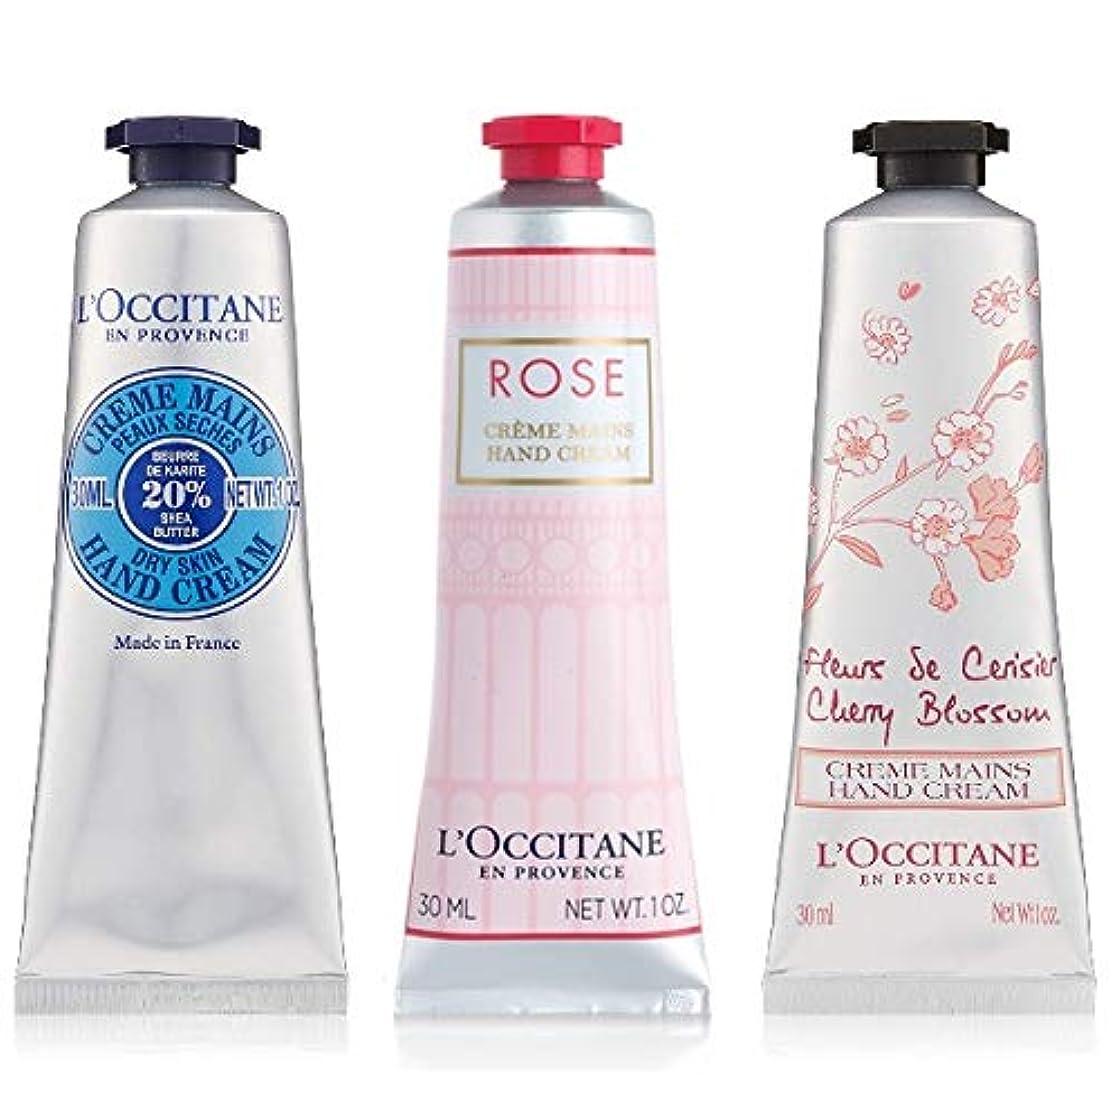 乳白色教室実質的ロクシタン(L'OCCITANE) ロクシタン フラワーハンドクリームトリオ(シア?ローズ?チェリー) 単品